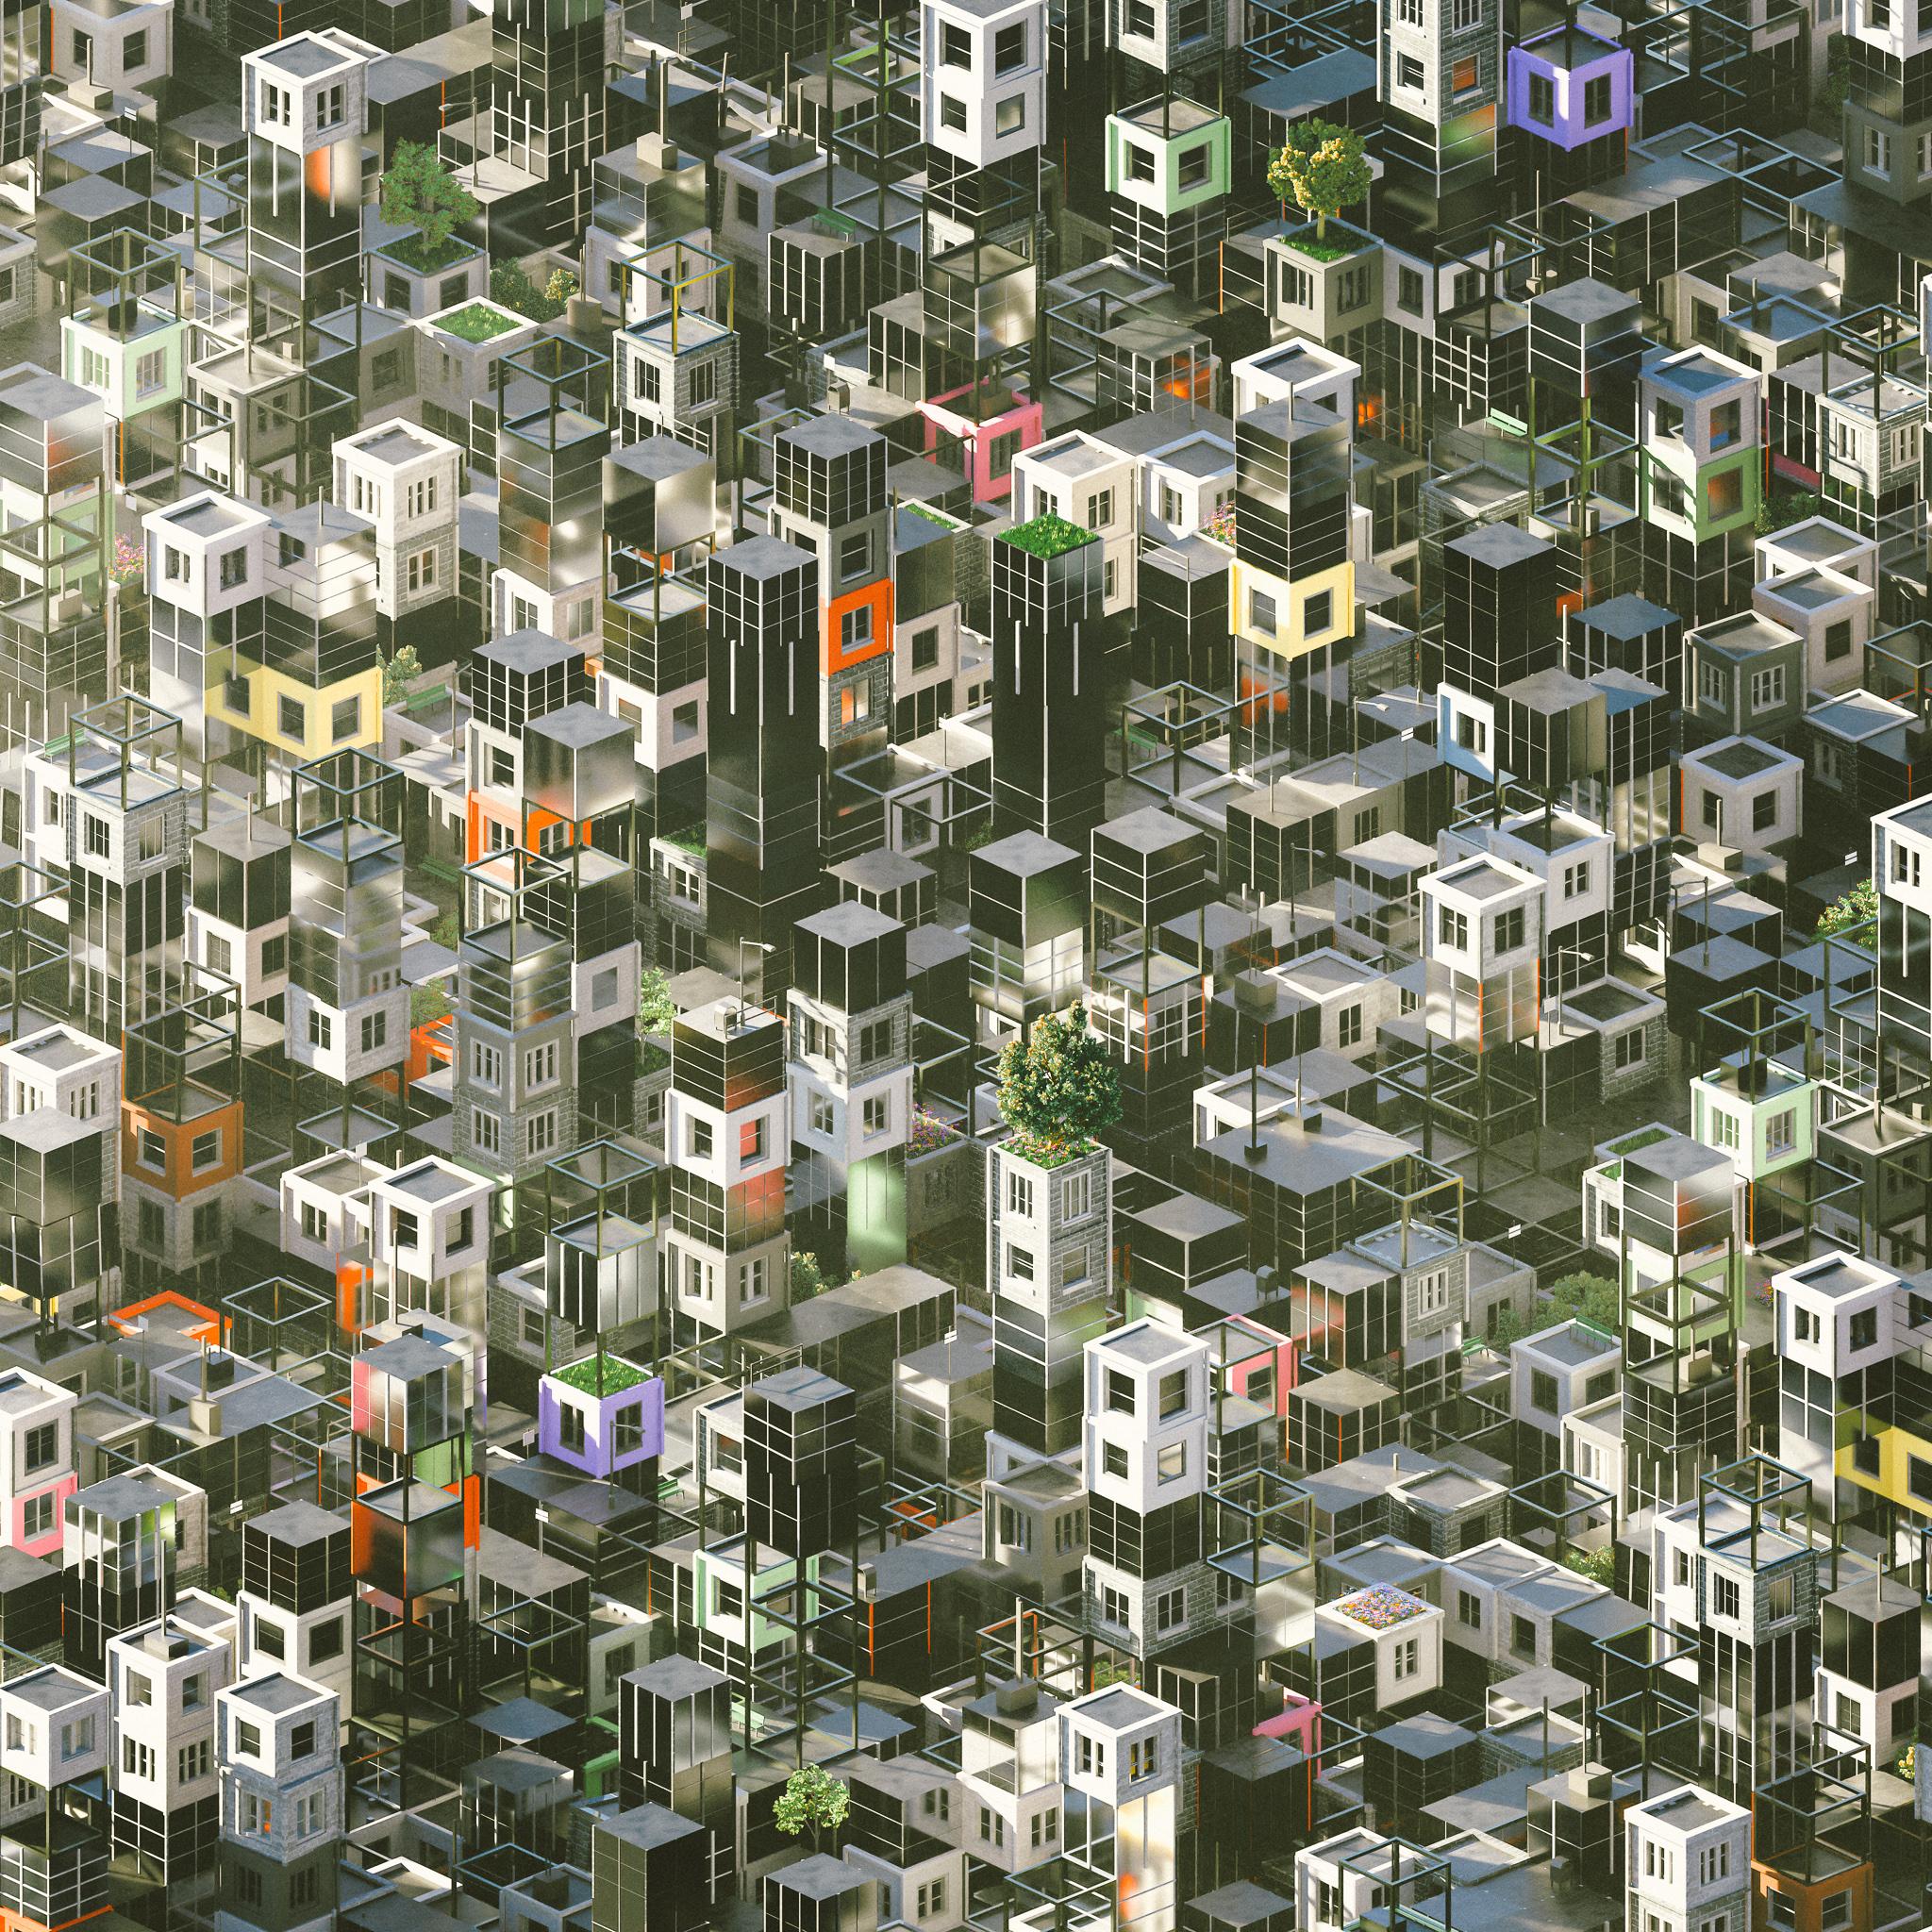 City parts